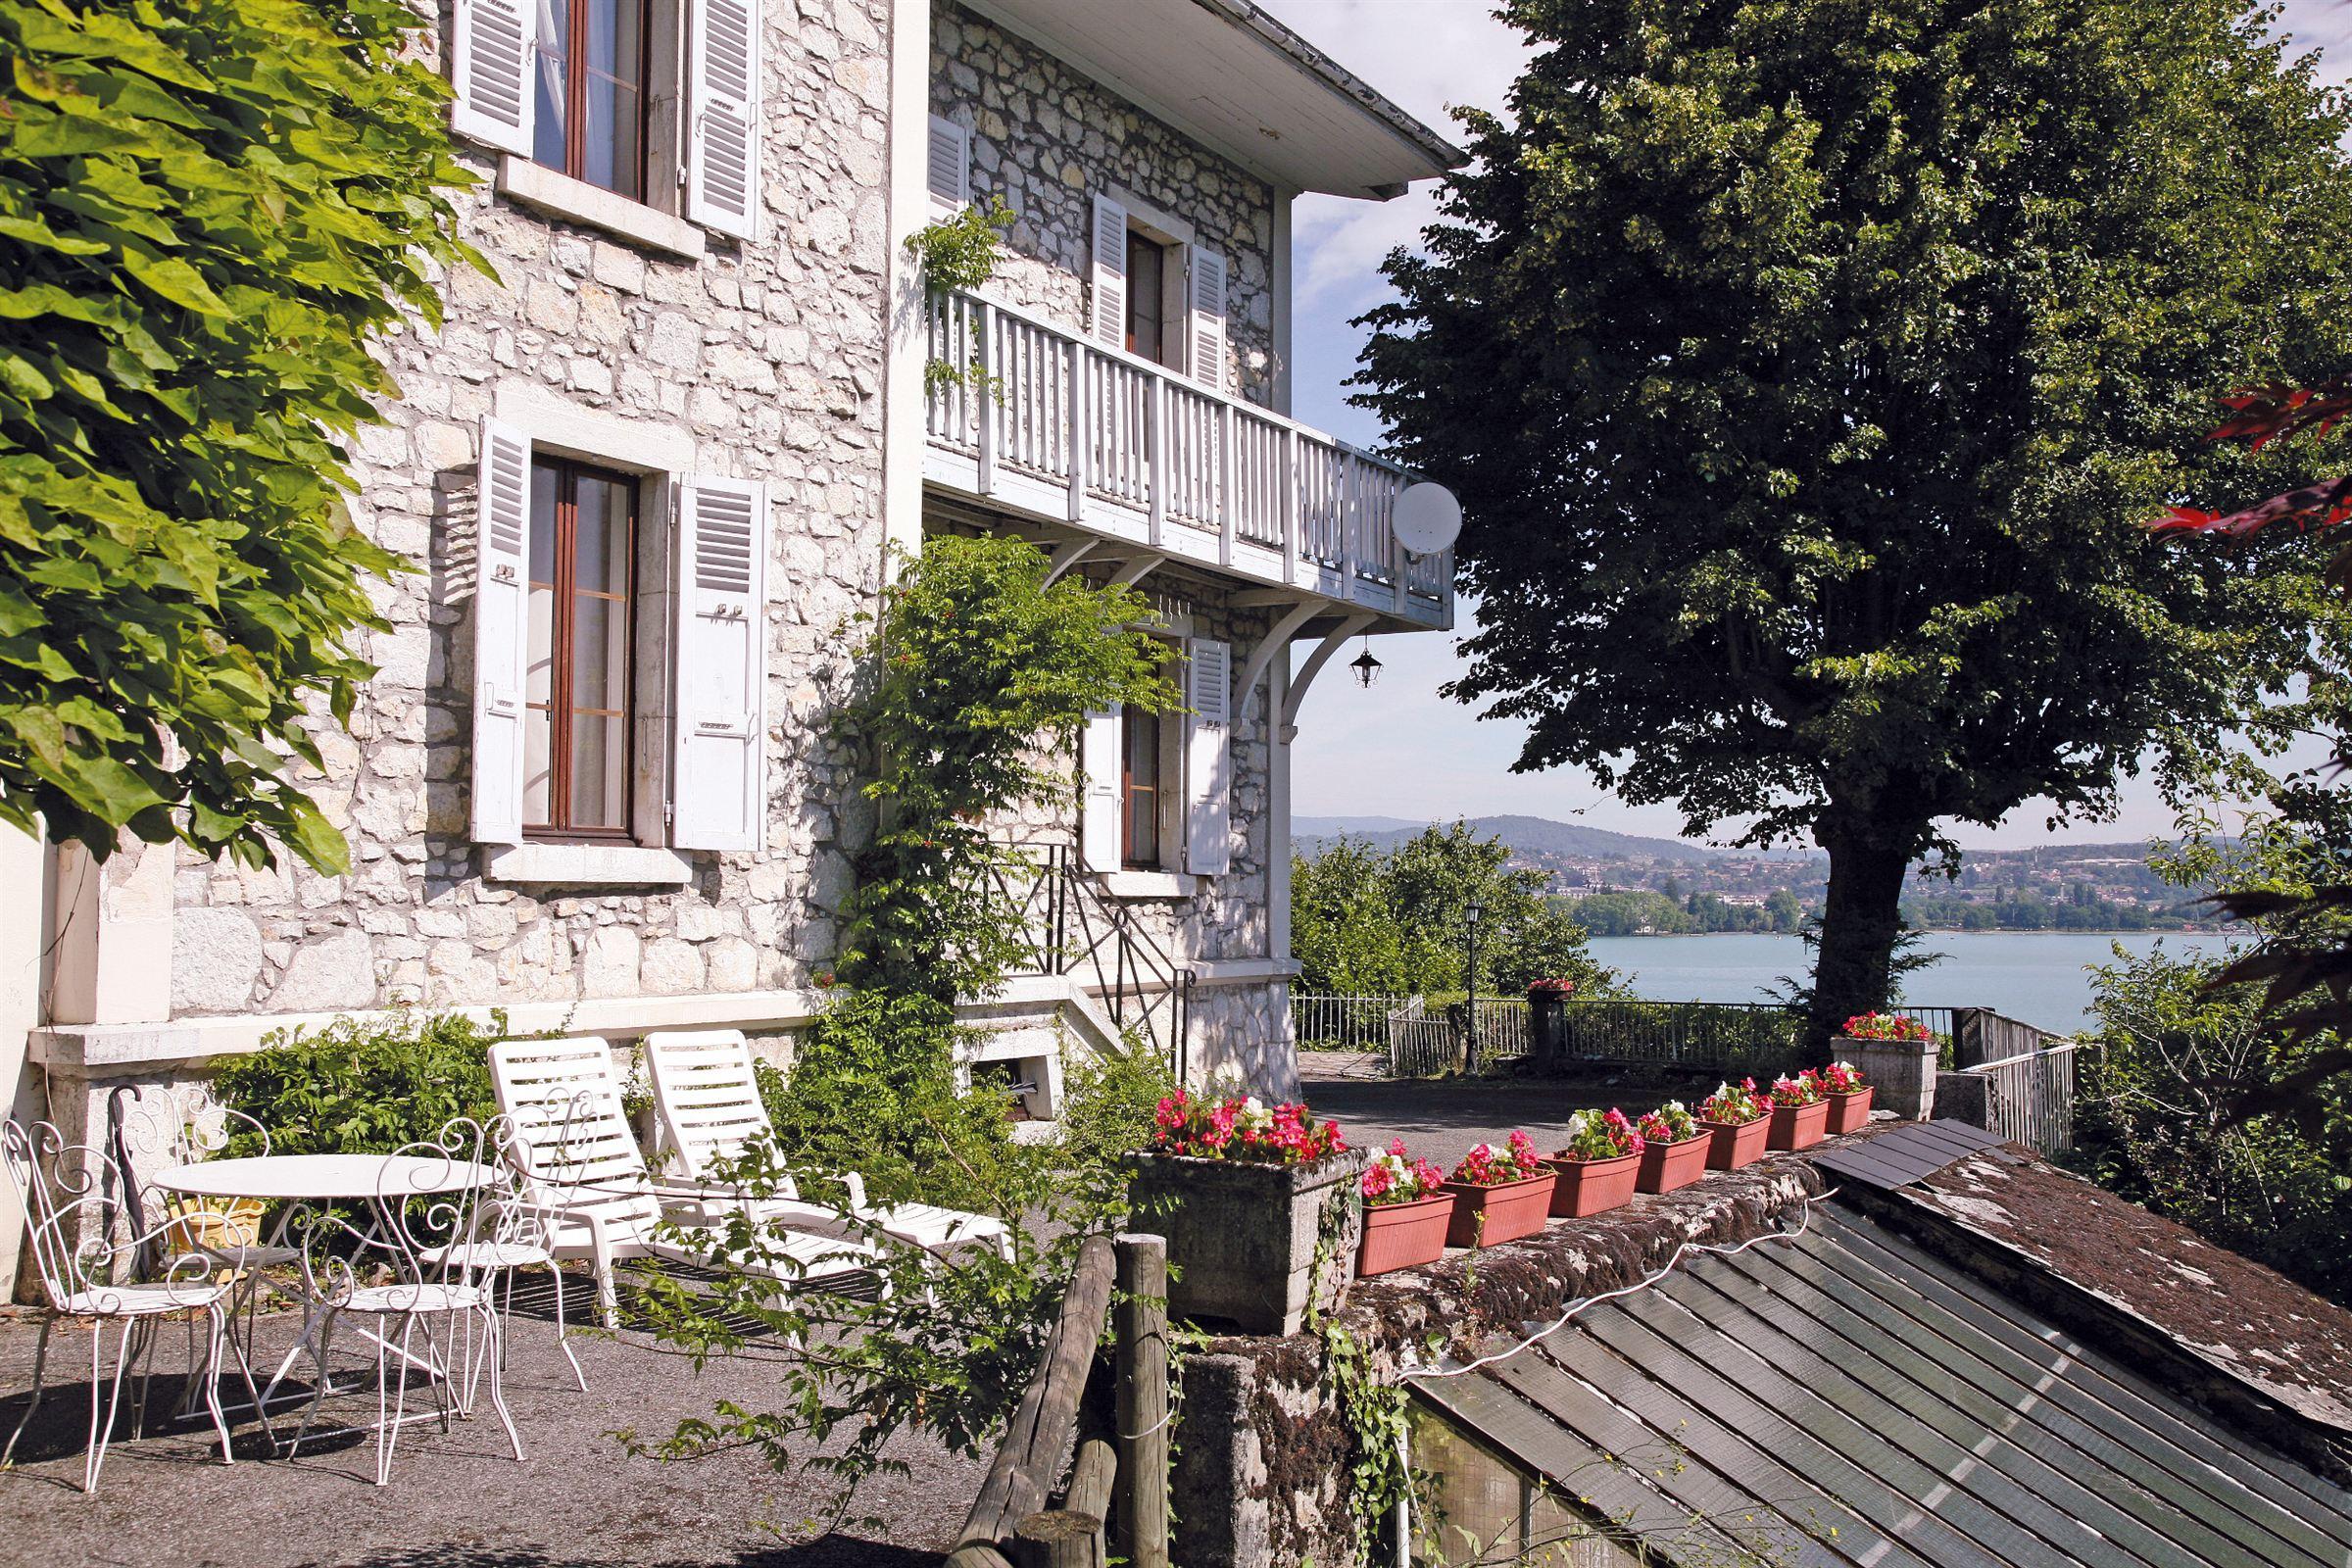 단독 가정 주택 용 매매 에 Unique character property with splendid lake view, close to Annecy centre Annecy, 론 알프스, 74000 프랑스